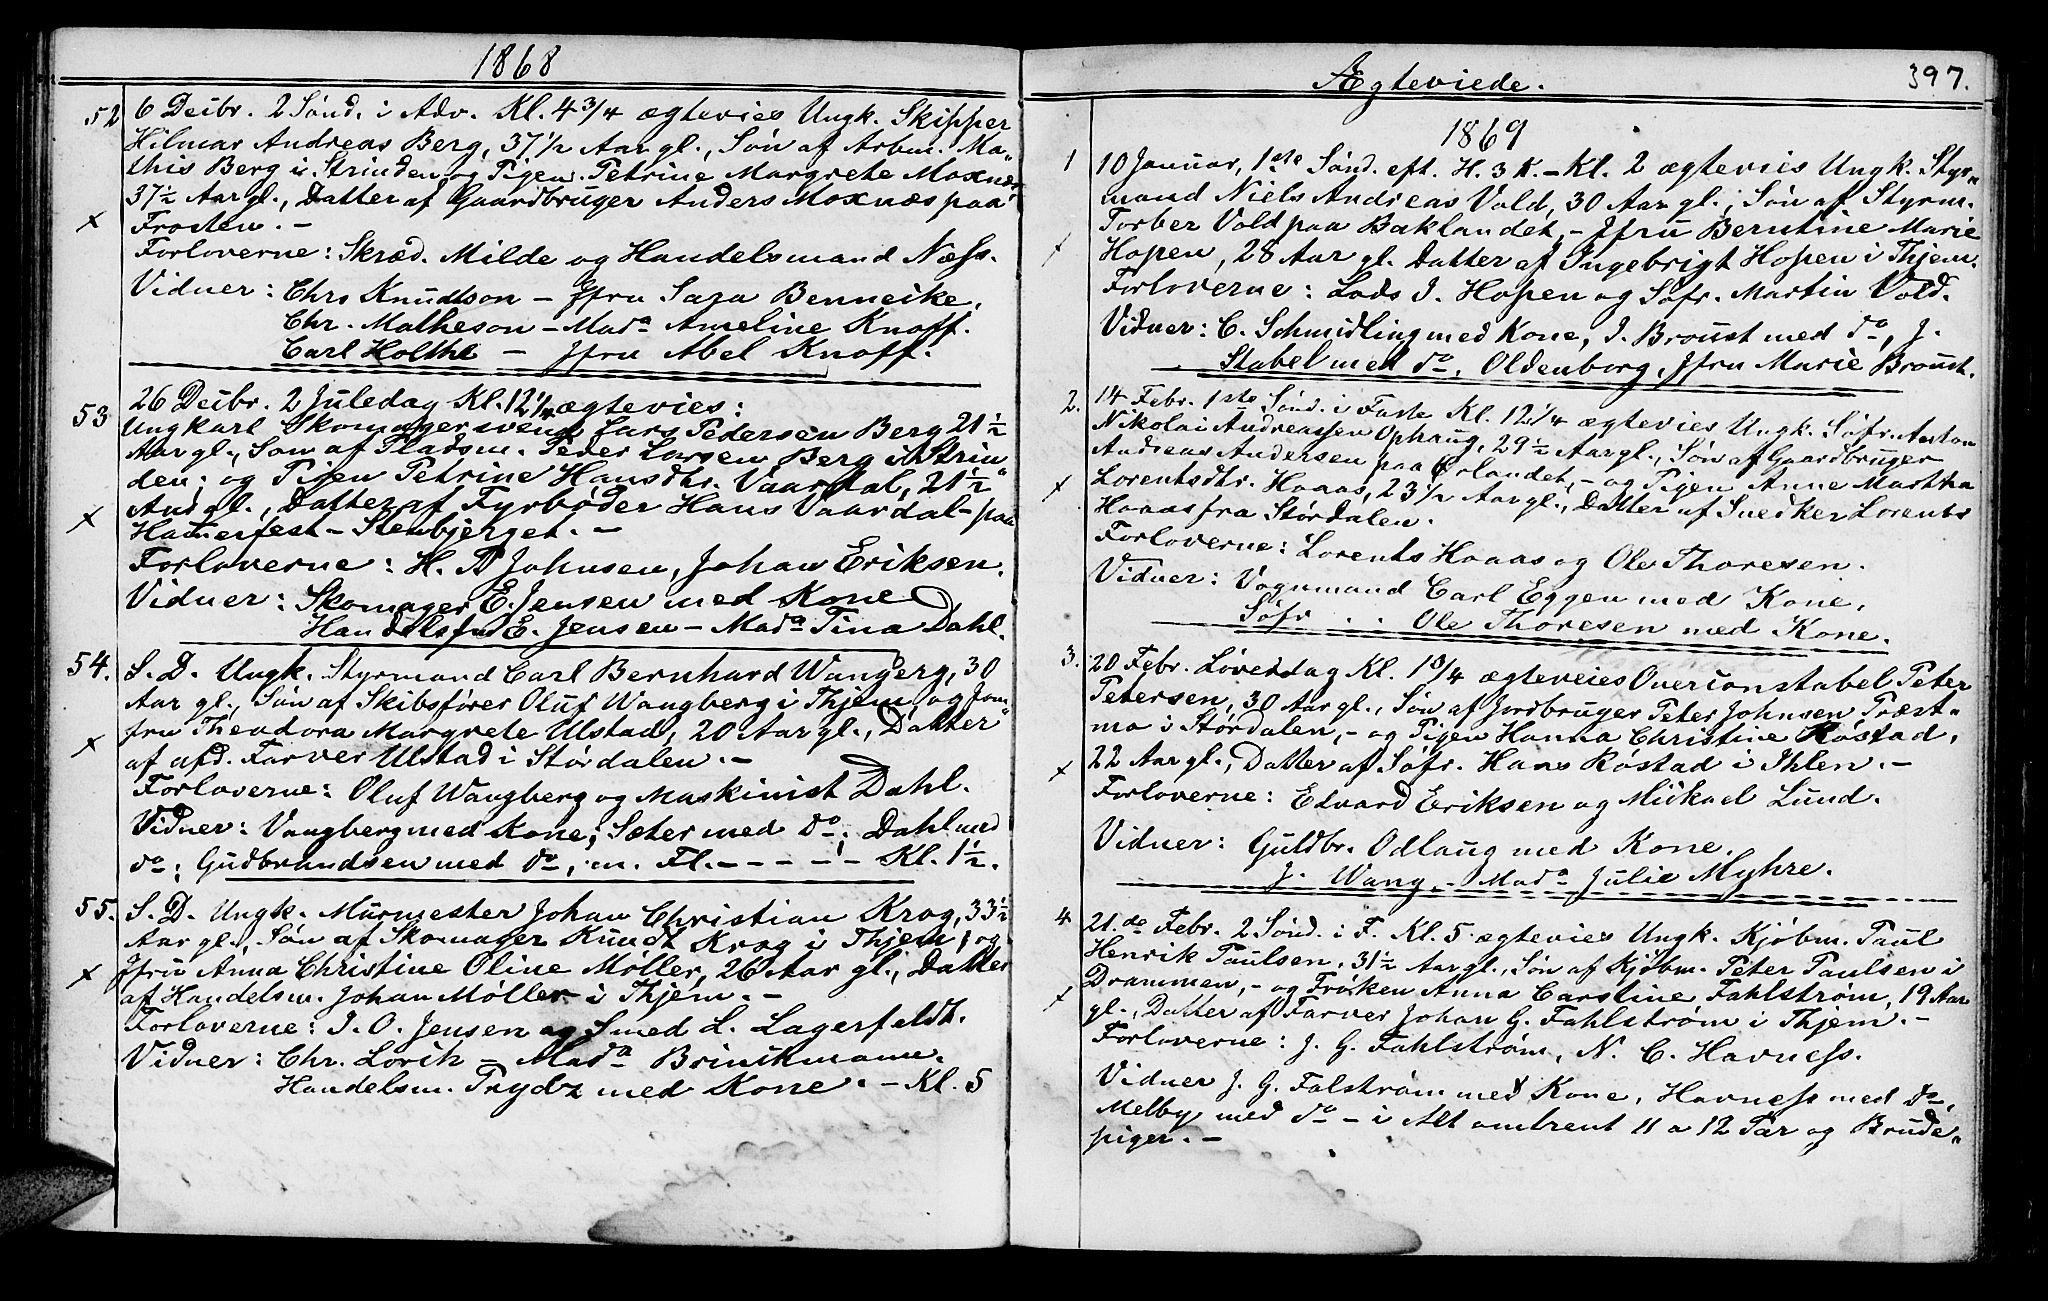 SAT, Ministerialprotokoller, klokkerbøker og fødselsregistre - Sør-Trøndelag, 602/L0140: Klokkerbok nr. 602C08, 1864-1872, s. 396-397